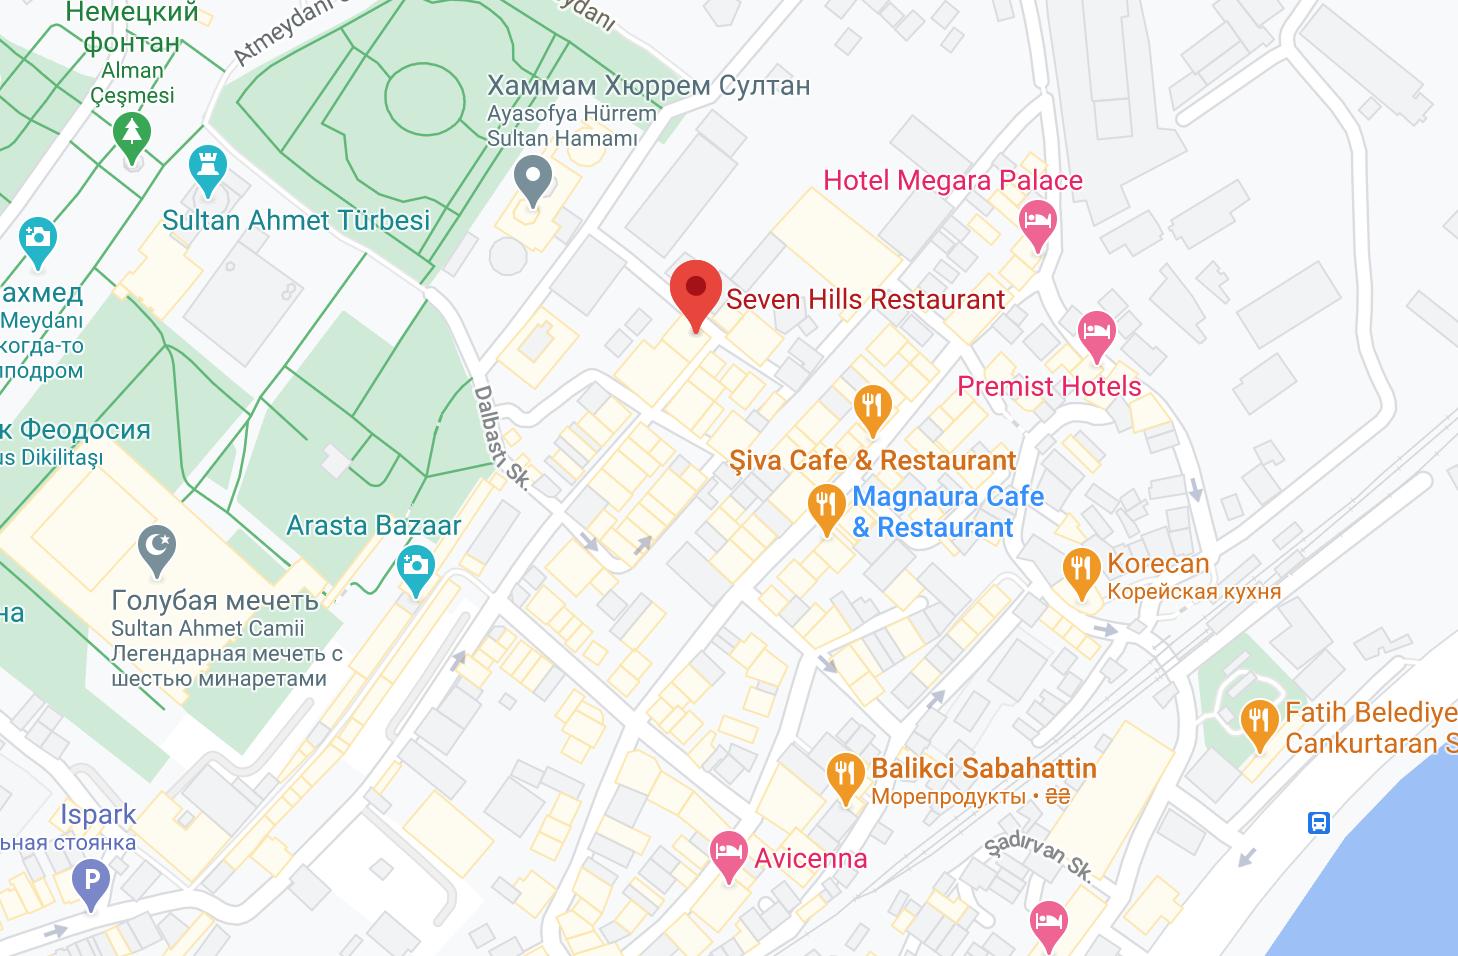 Ресторан «СЕВЕН ХИЛЛС» на карте Стамбула